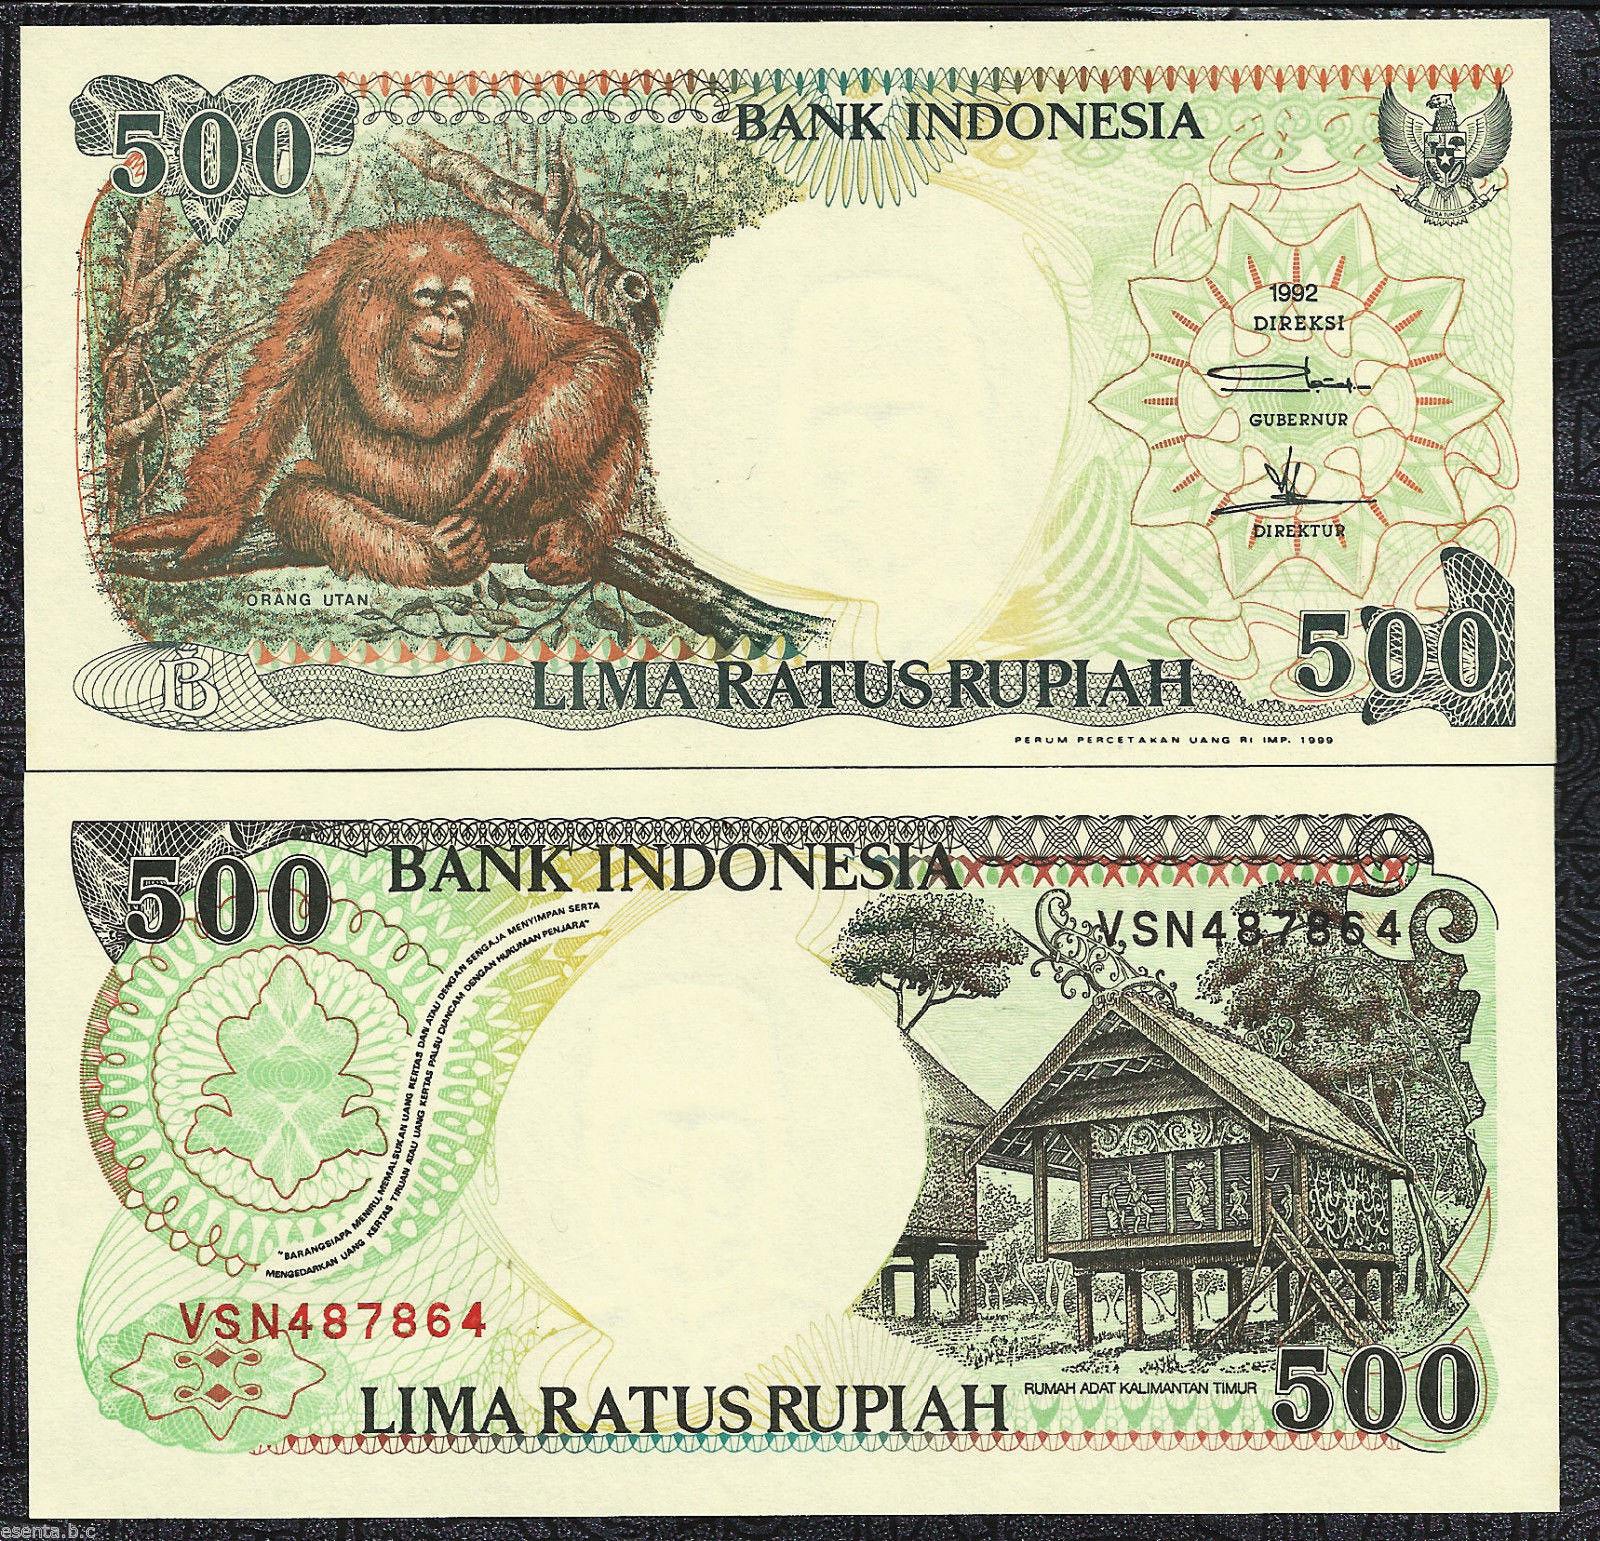 ธนบัตรประเทศ อินโดนีเซีย ชนิดราคา 500 RUPIAH (รูเปีย) รุ่นปี พ.ศ. 2542 หรือ ค.ศ. 1999